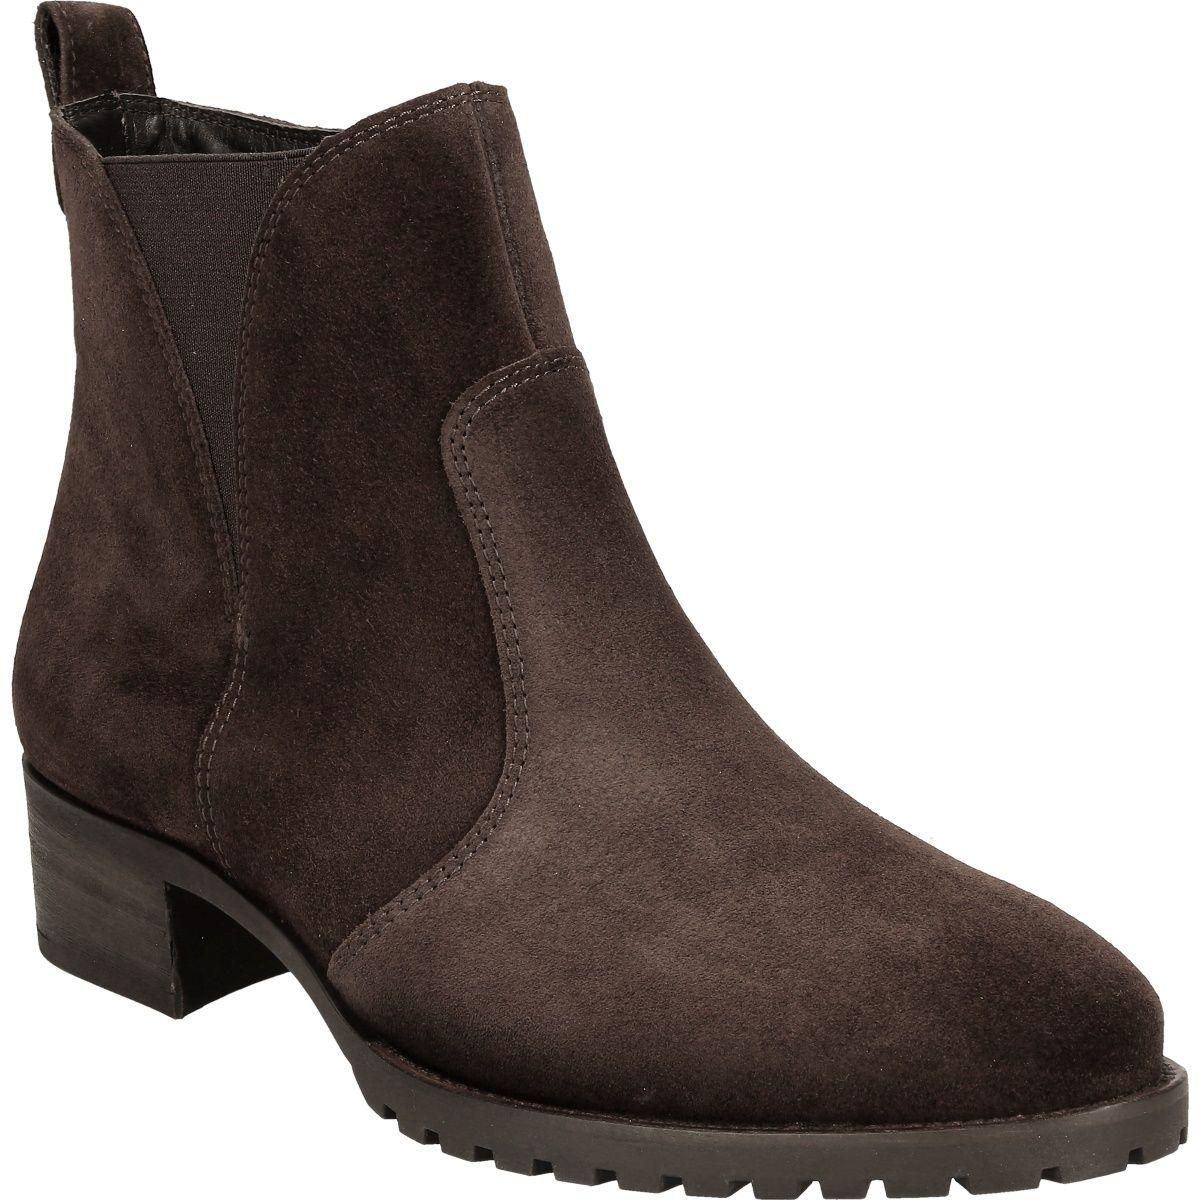 Paul Green 9418 013 Damenschuhe Stiefeletten im Schuhe Lüke